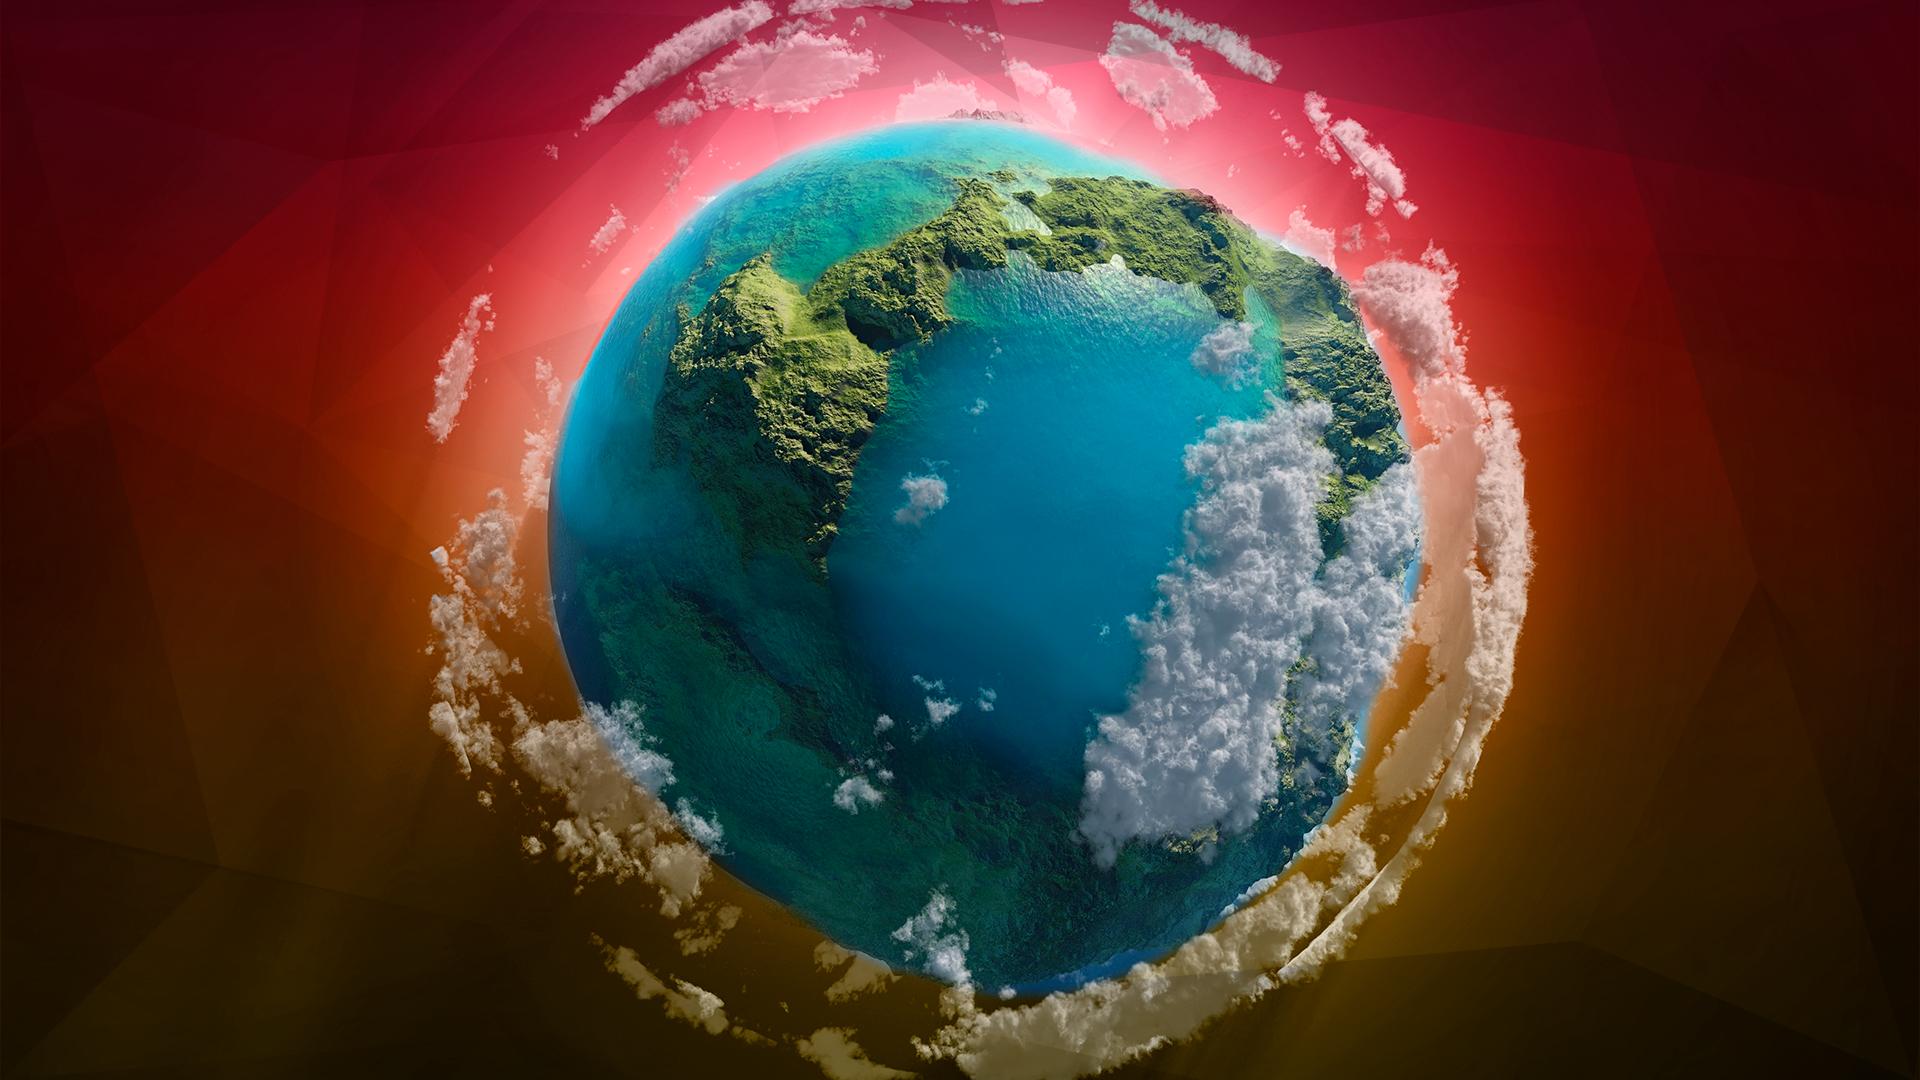 Weltraum, Raumfahrt, Nasa, Weltall, Energie, Erde, Umwelt, Planet, Klima, Umweltschutz, ökostrom, Klimaschutz, Klimawandel, Welt, Globus, Erderwärmung, Klimaerwärmung, Klimapolitik, Wetter, Erwärmung, Climate, Umweltfreundlich, Ozean, Earth, Weltklimagipfel, Pflanze, Regenwald, wind, Urwald, Wald, Nordpol, Planet Erde, Wolken, Plan B, Klimaziel, Blauer Planet